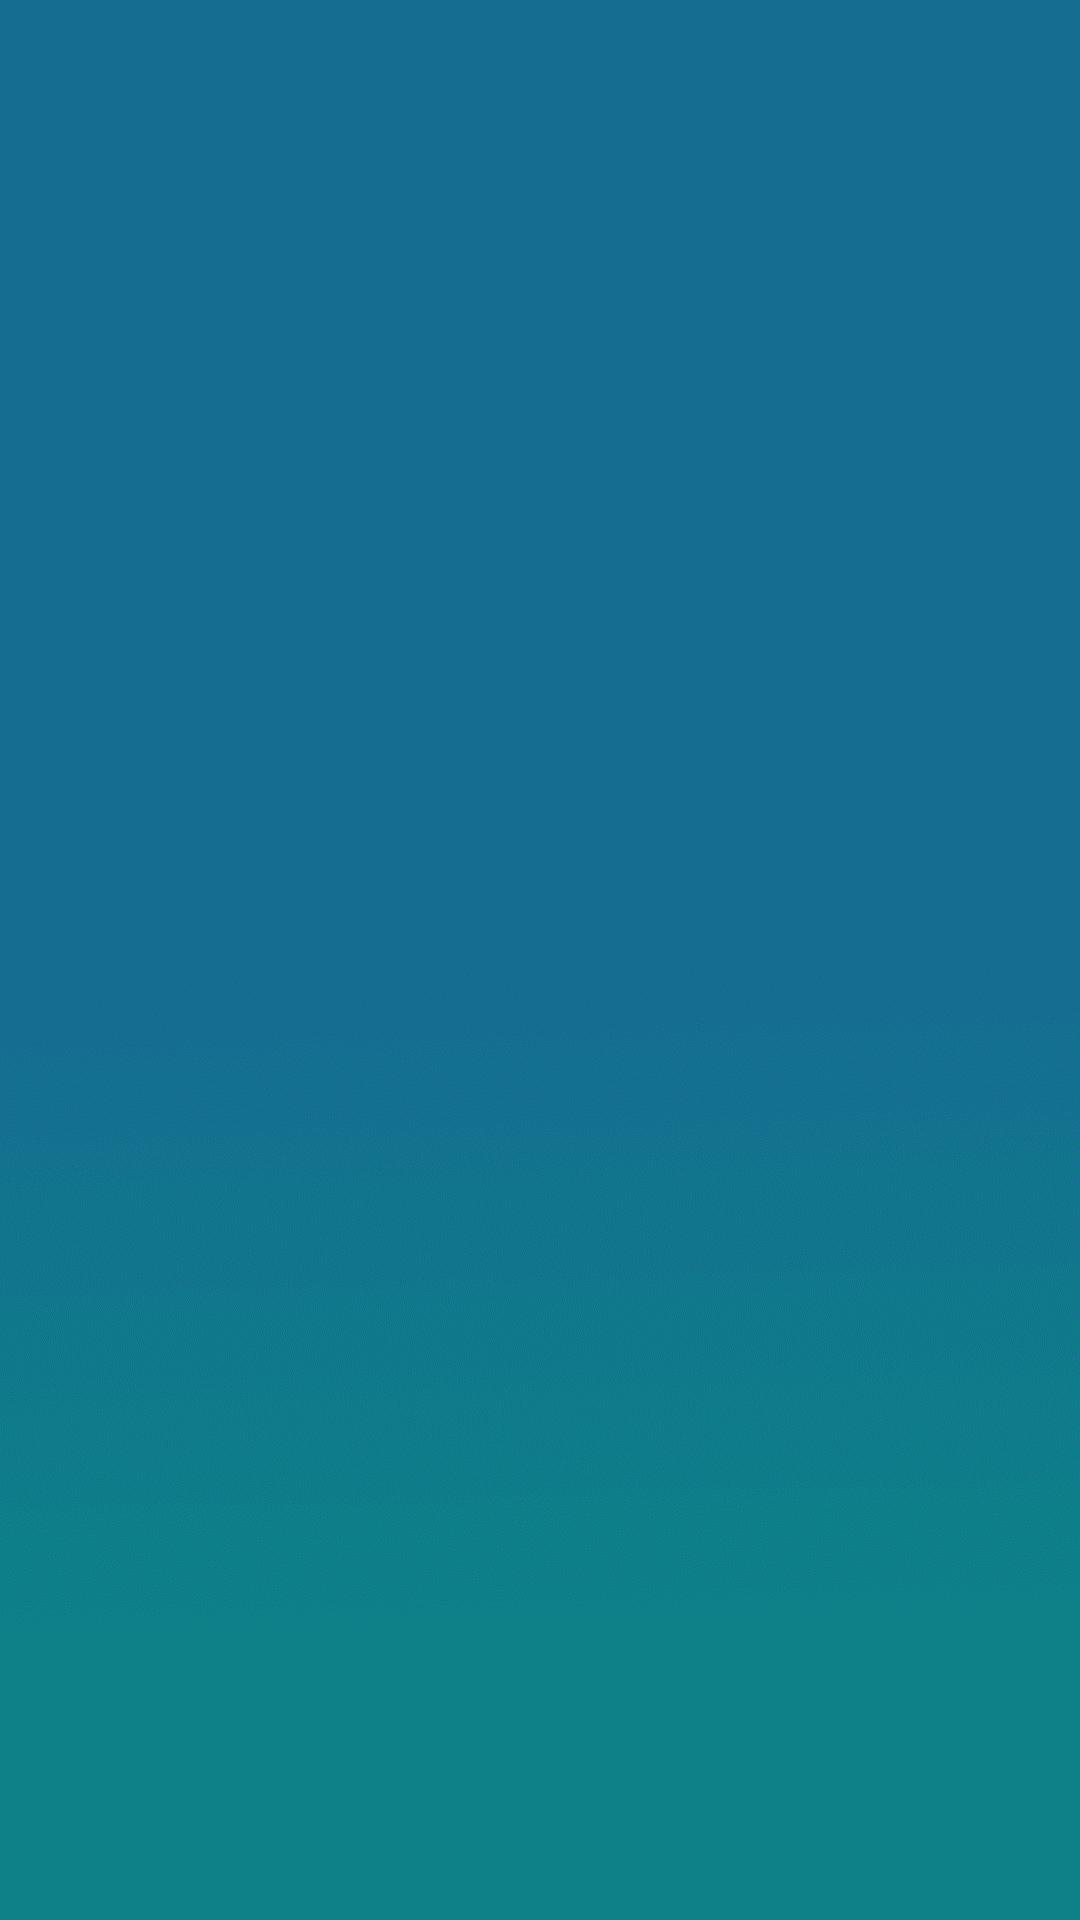 MIUI-9-official-wallpaper-2